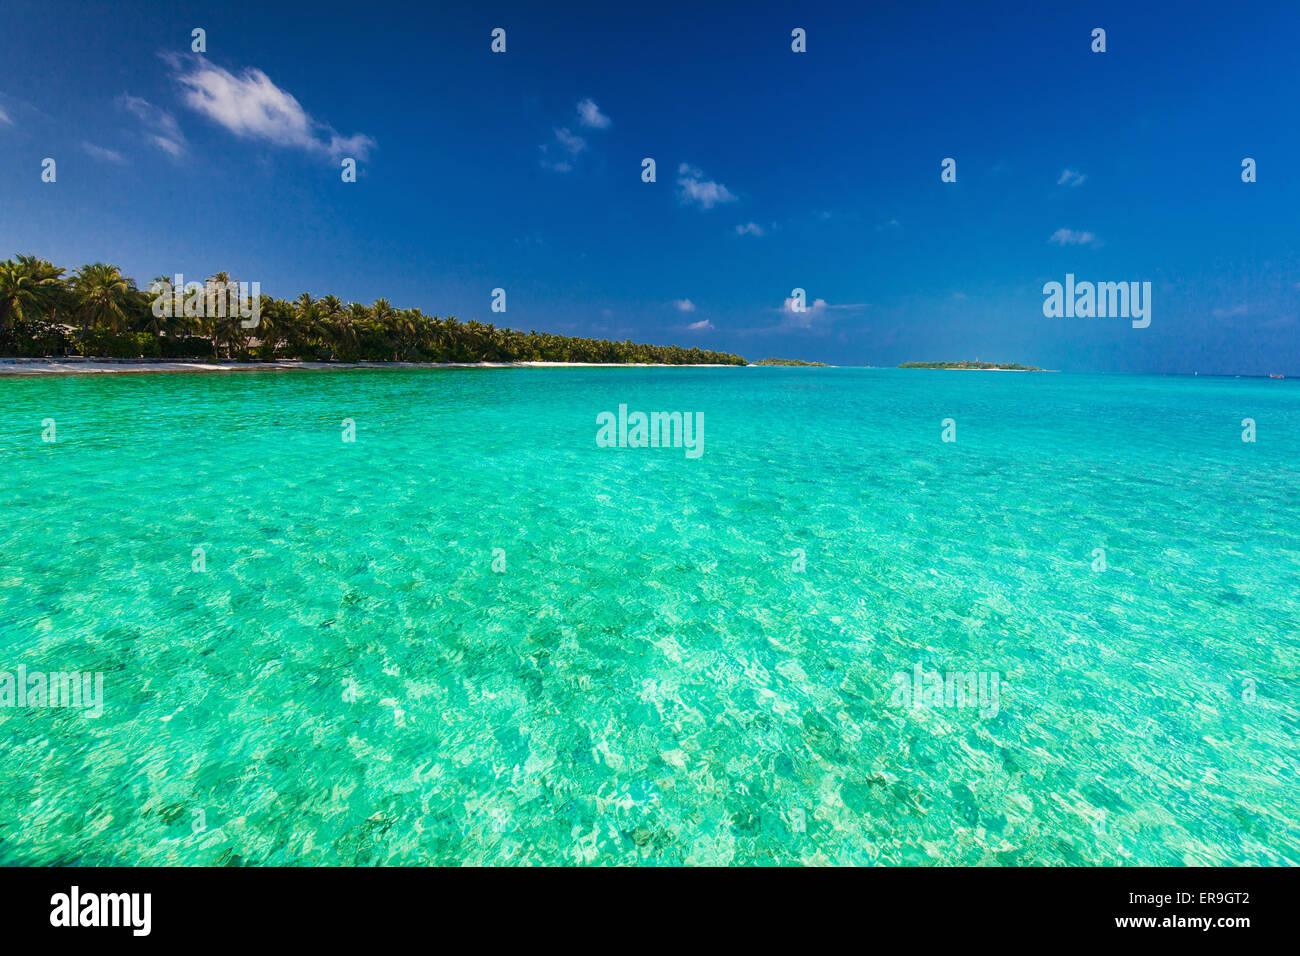 Isola tropicale con spiaggia sabbiosa, cielo chiaro e immacolate acque Immagini Stock